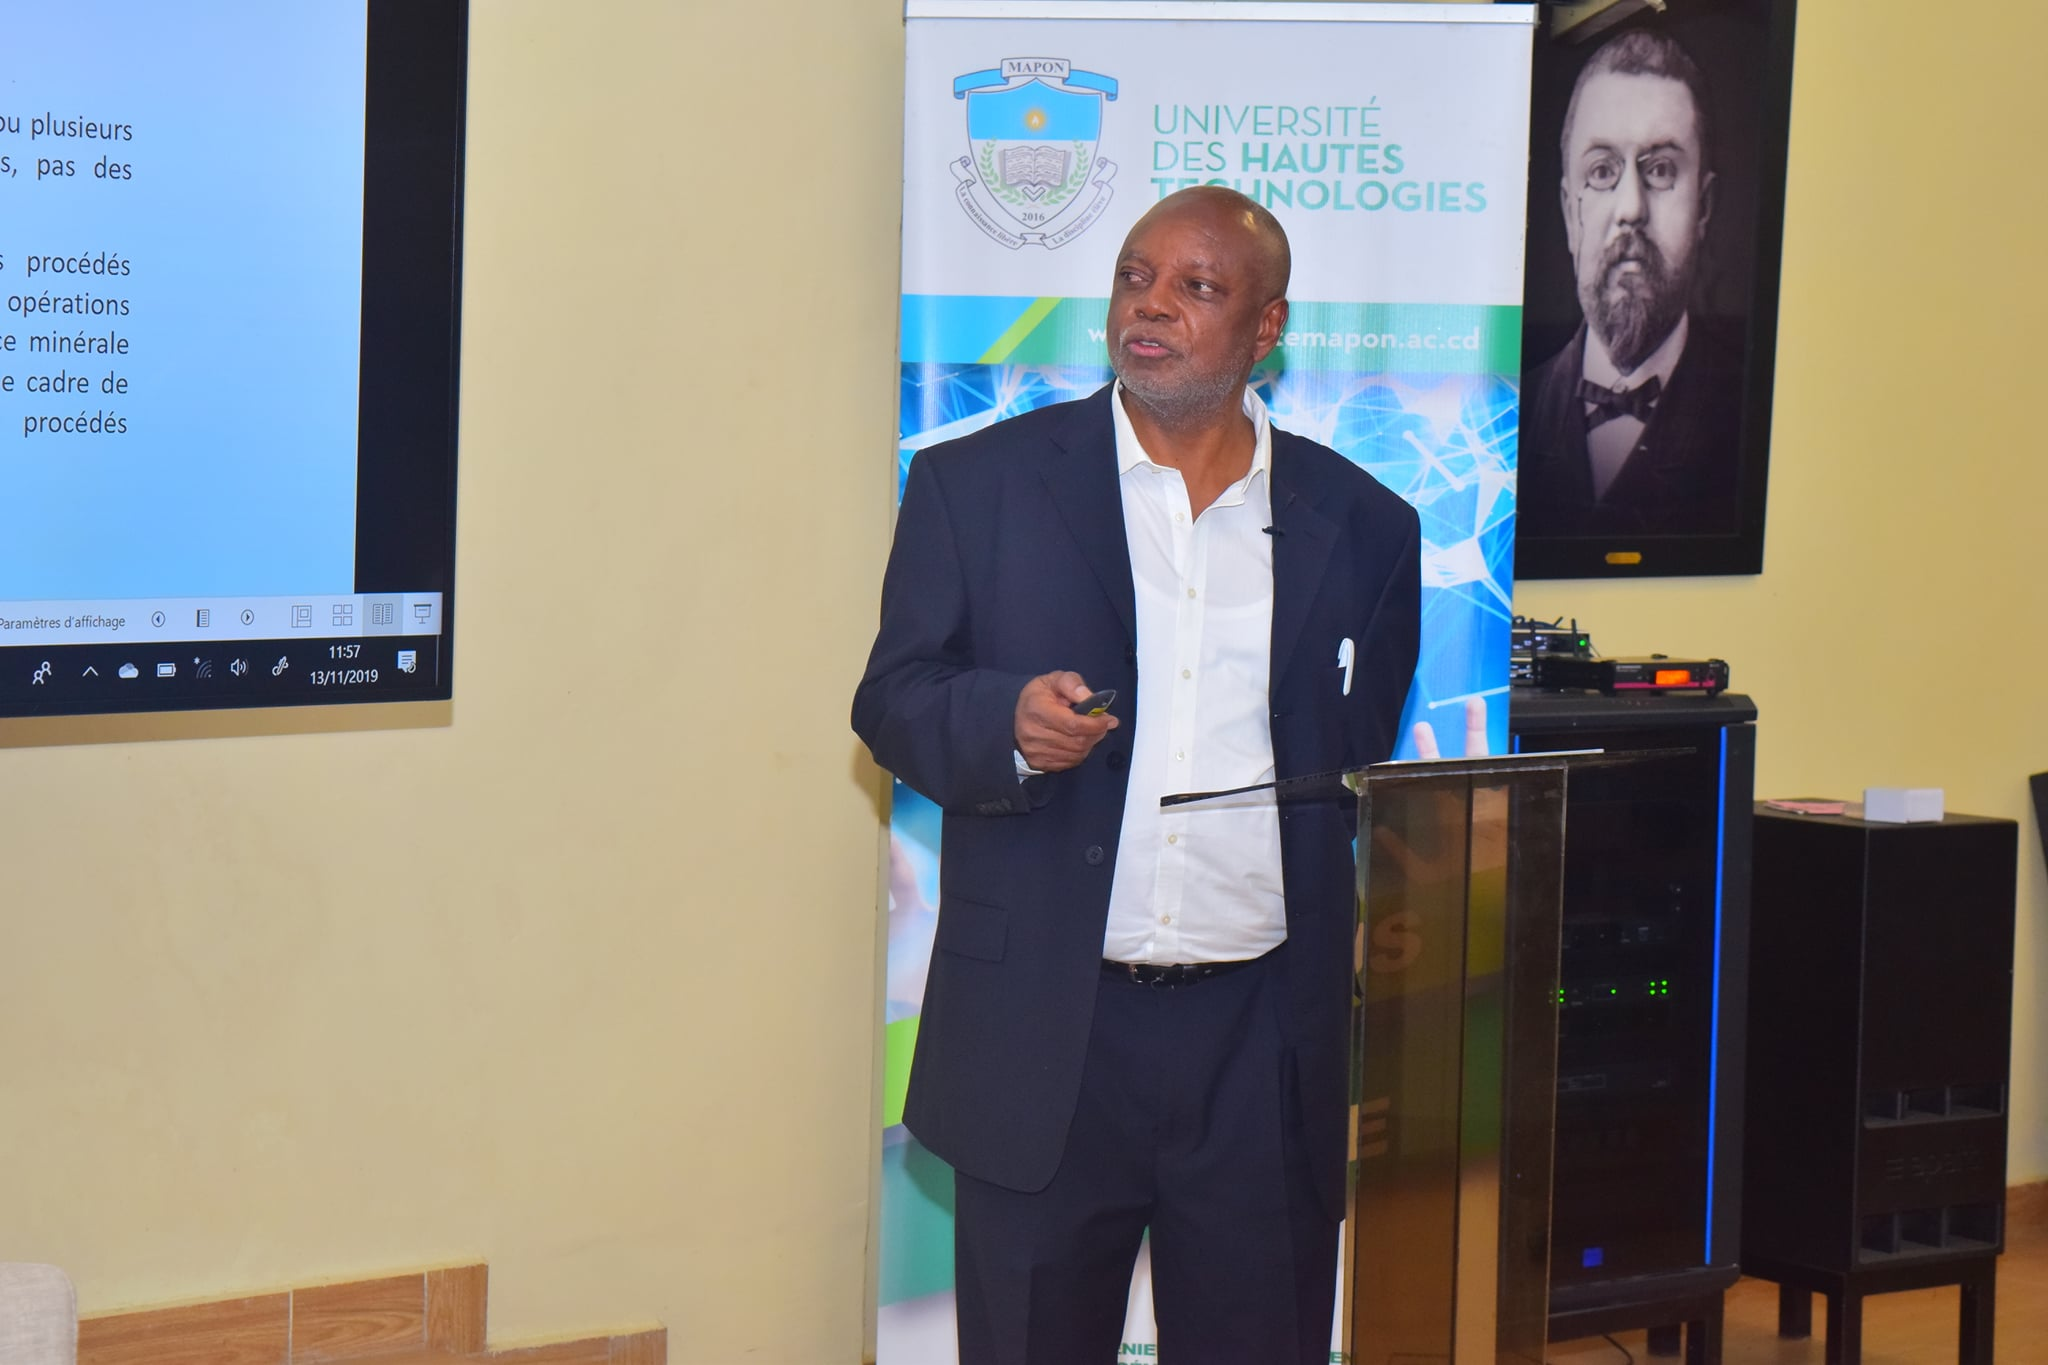 Nouvelles technologies en traitement des minerais : pertinence, opportunité et possibilités d'impacts socio-économiques en RDC.